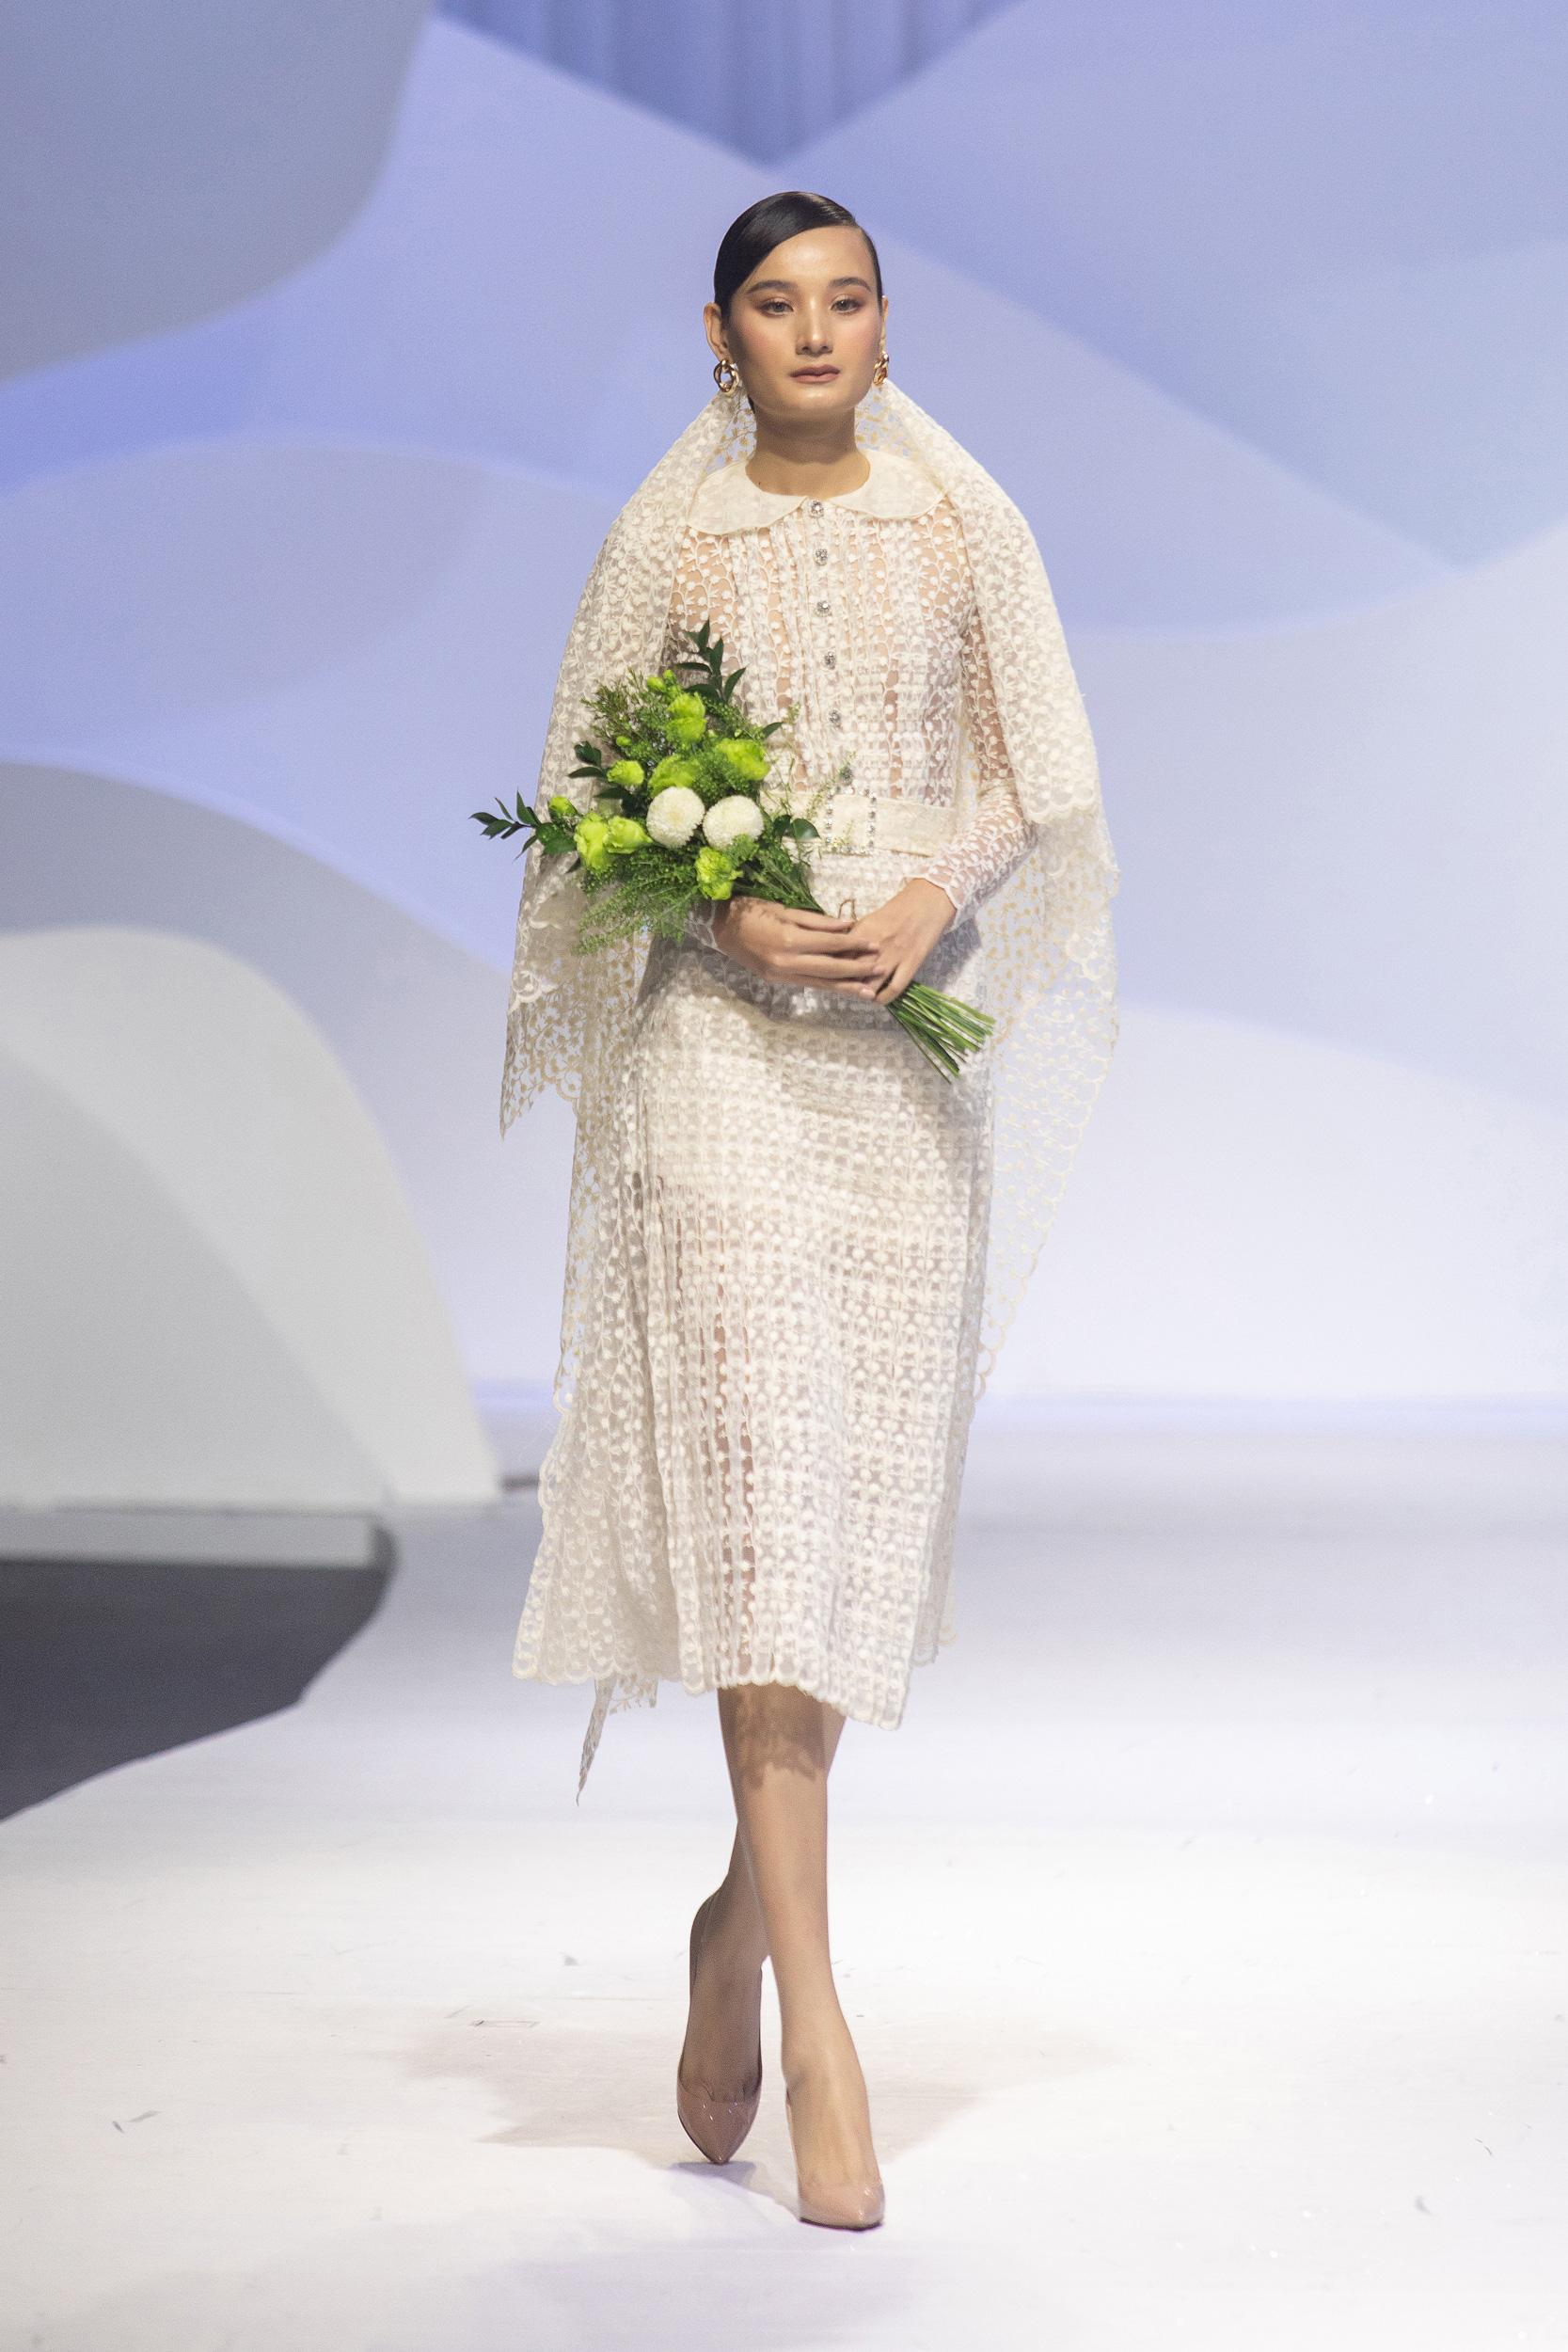 """Show váy cưới của NTK Nguyễn Phương Đông: Lê Thuý làm first face, Minh Tú đắt show tiếp tục """"vào vai"""" vedette - Ảnh 1."""